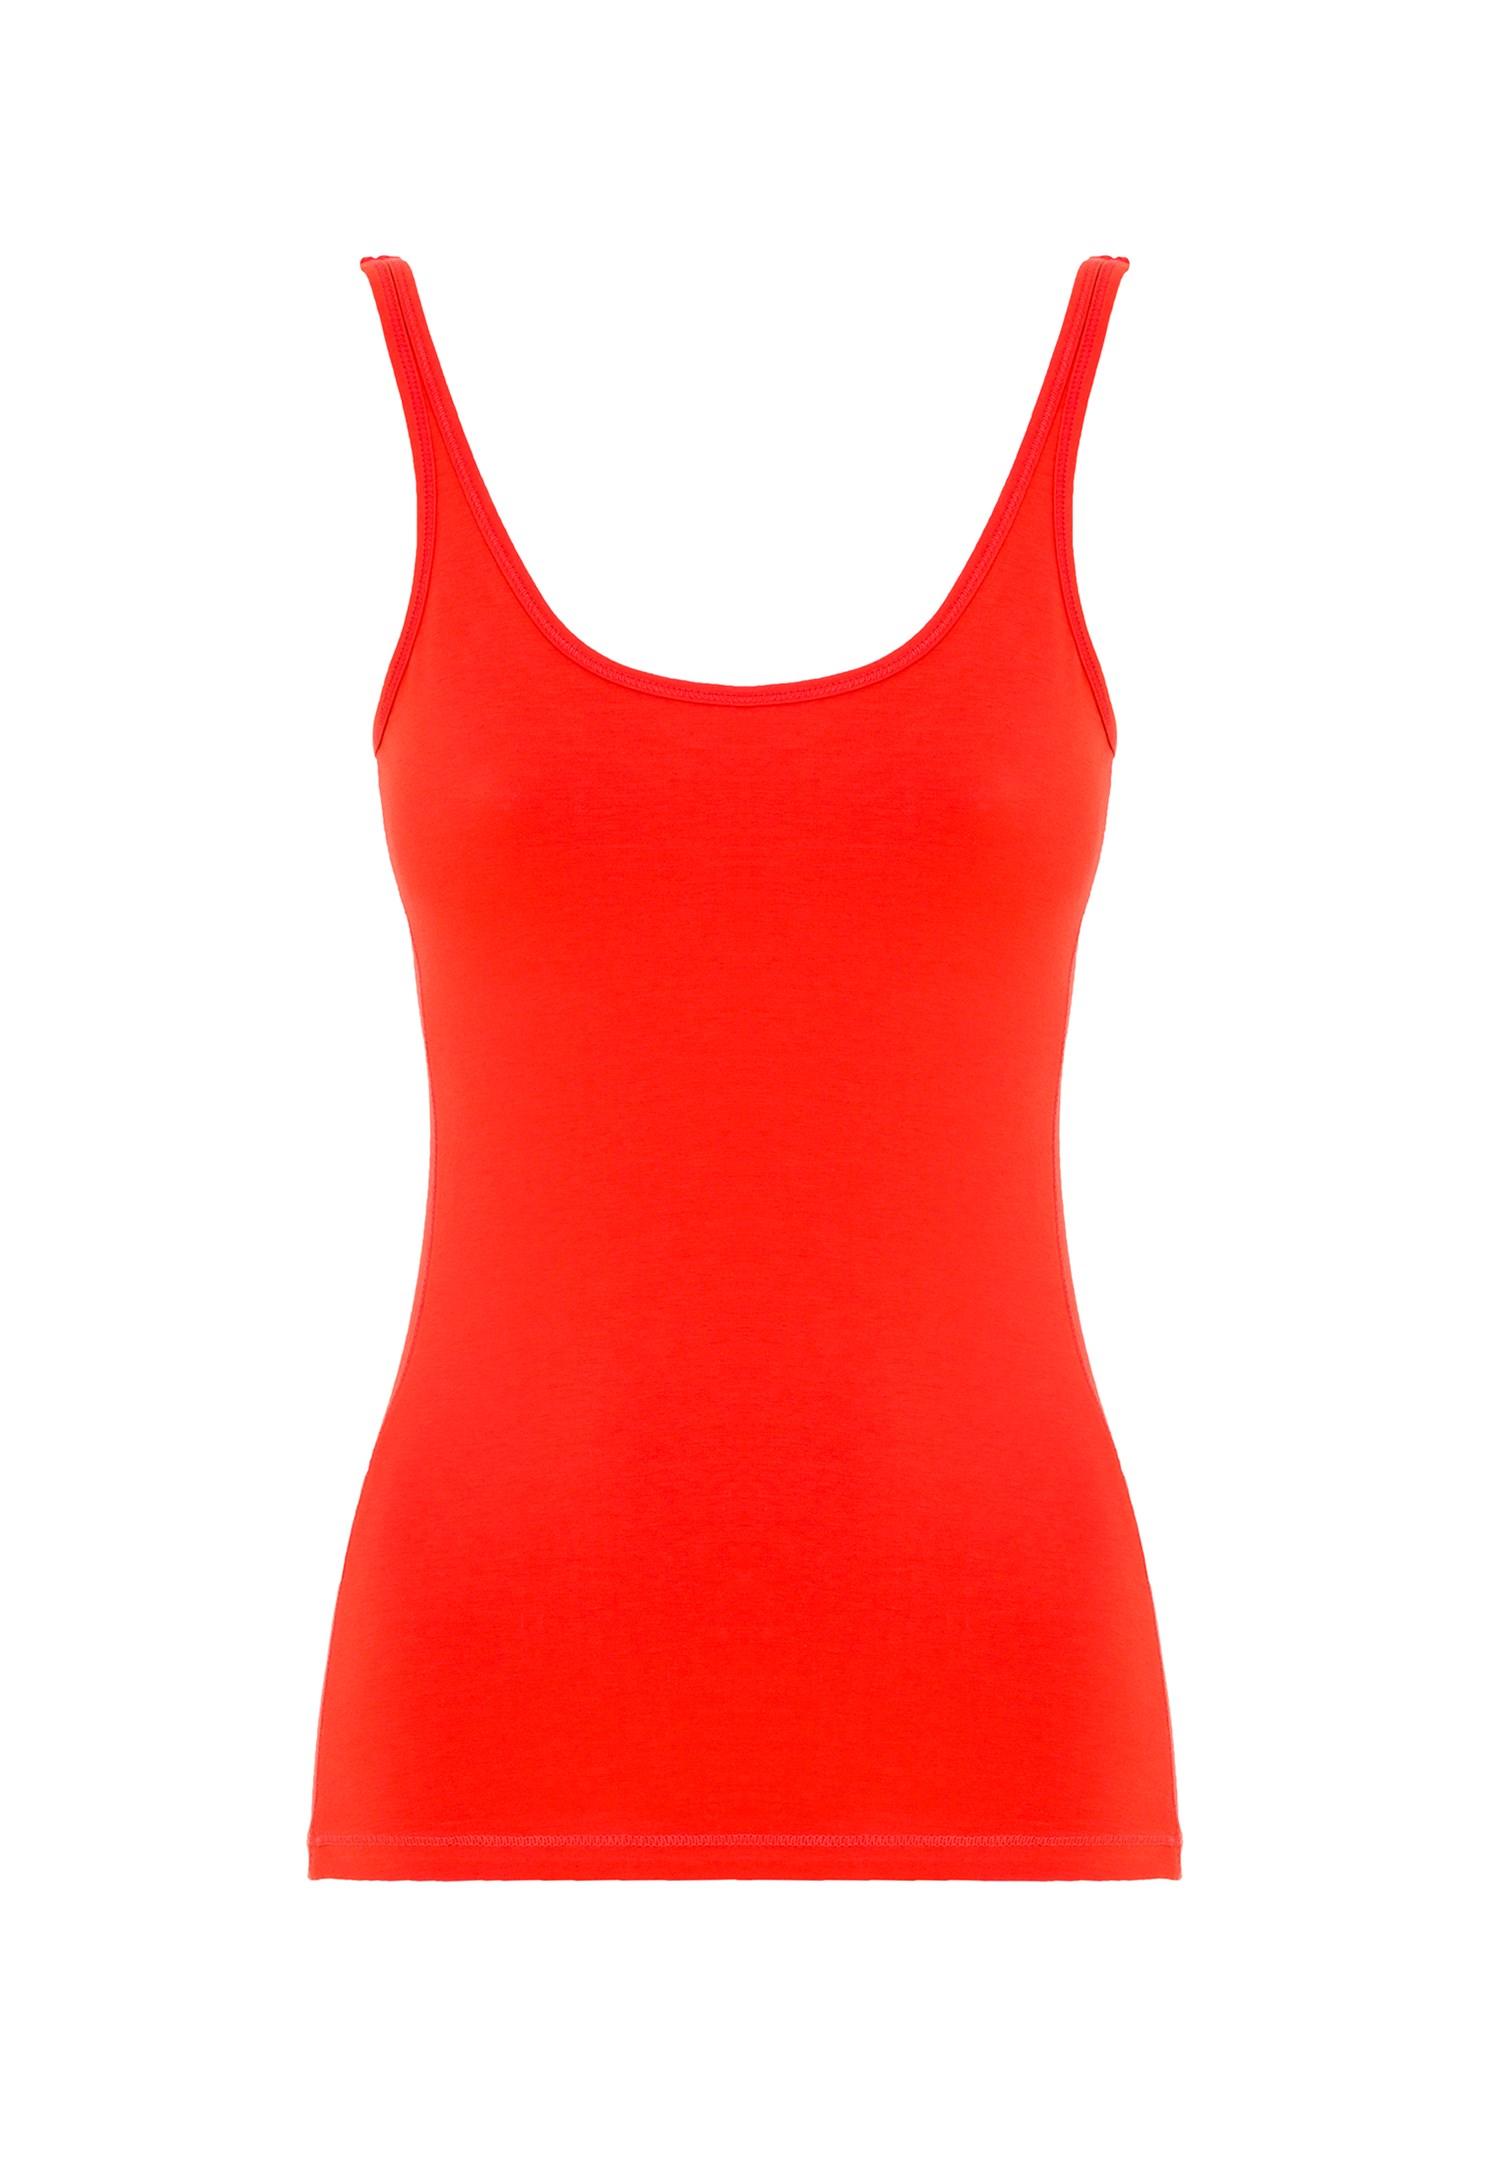 Bayan Kırmızı İnce Askılı Atlet